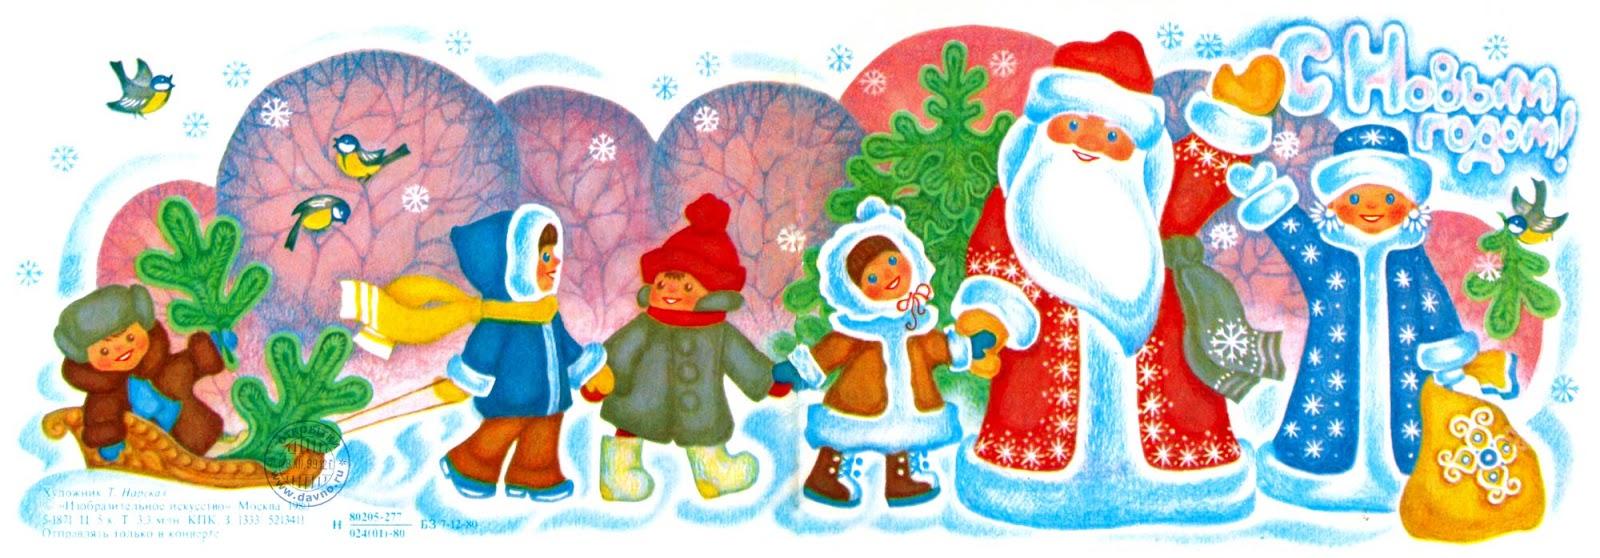 Рановато еще, картинки новогодней открытки в школу